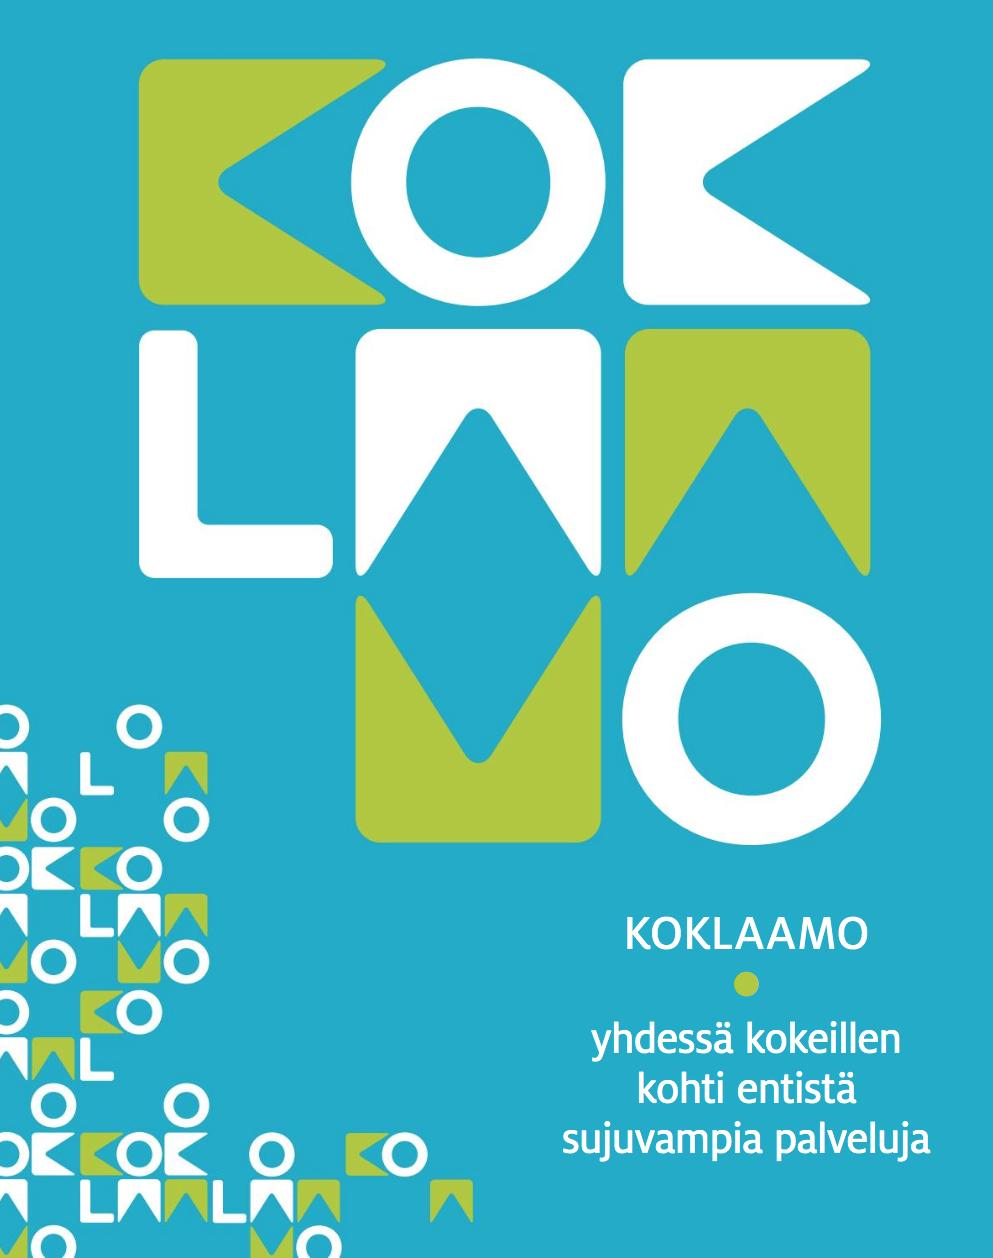 Cover for article 'Koklaamo – yhdessä kokeillen kohti entistä sujuvampia palveluja'